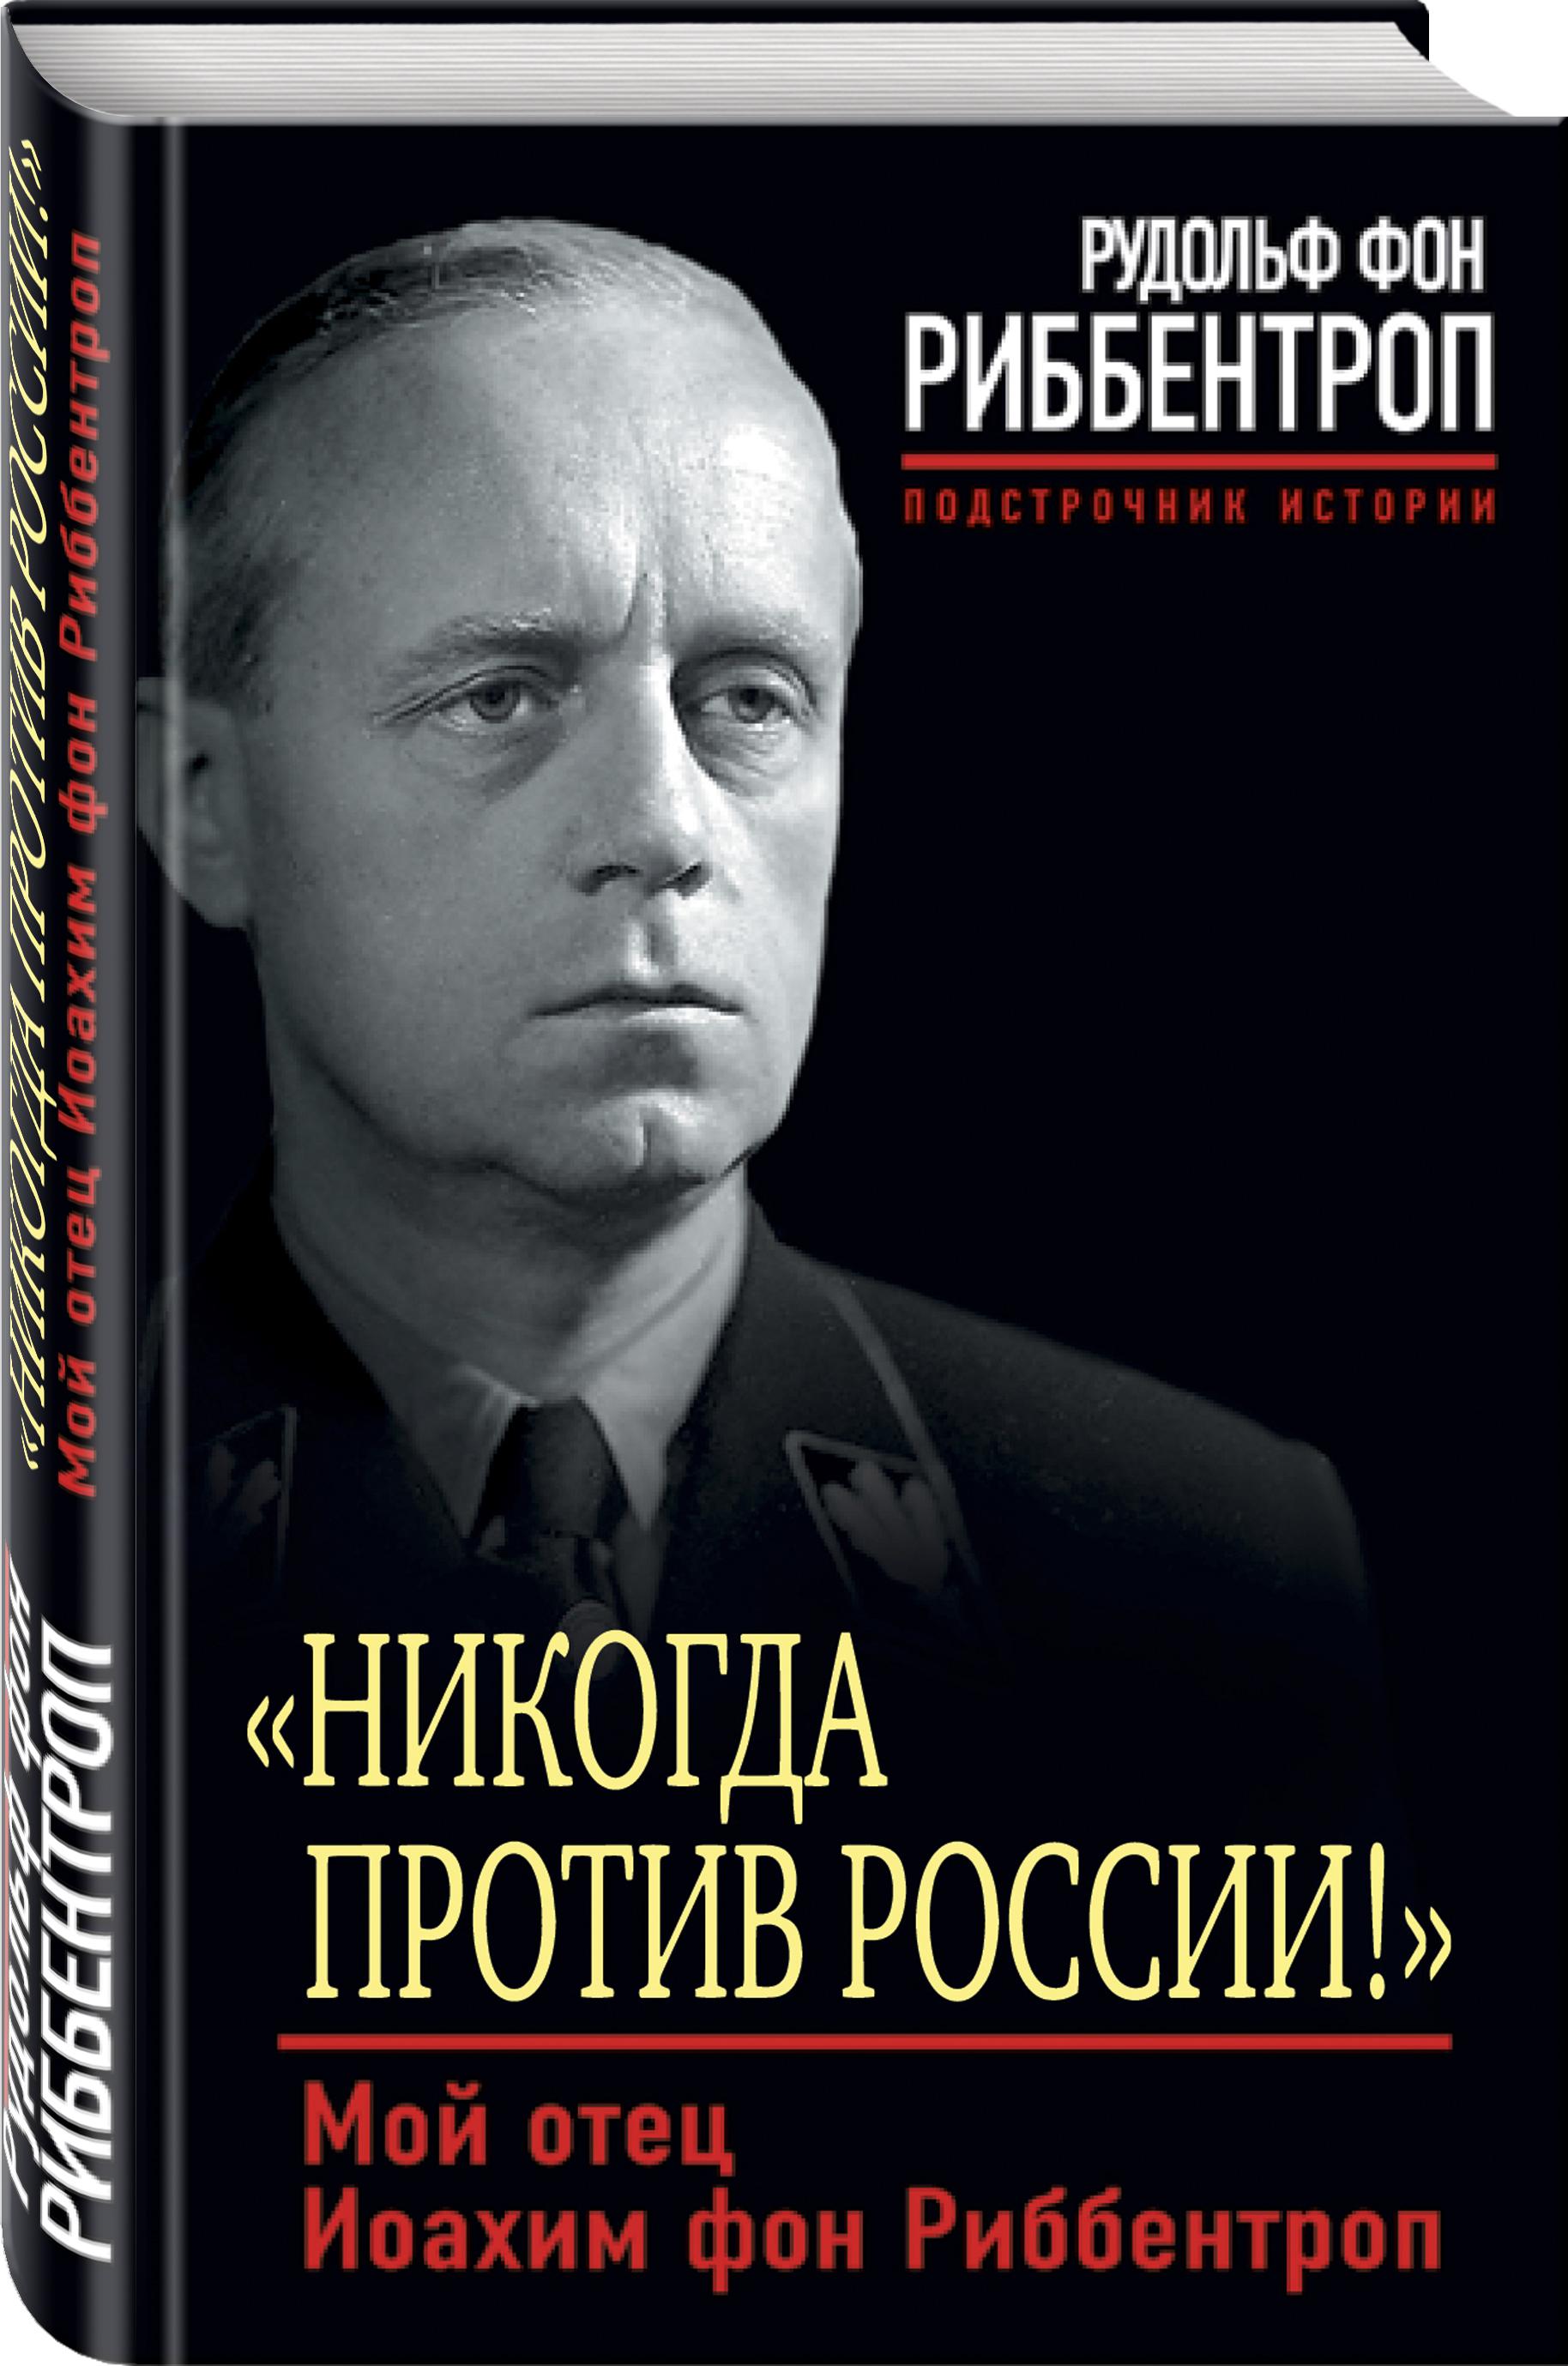 «Никогда против России!» Мой отец Иоахим фон Риббентроп - Рудольф фон Риббентроп